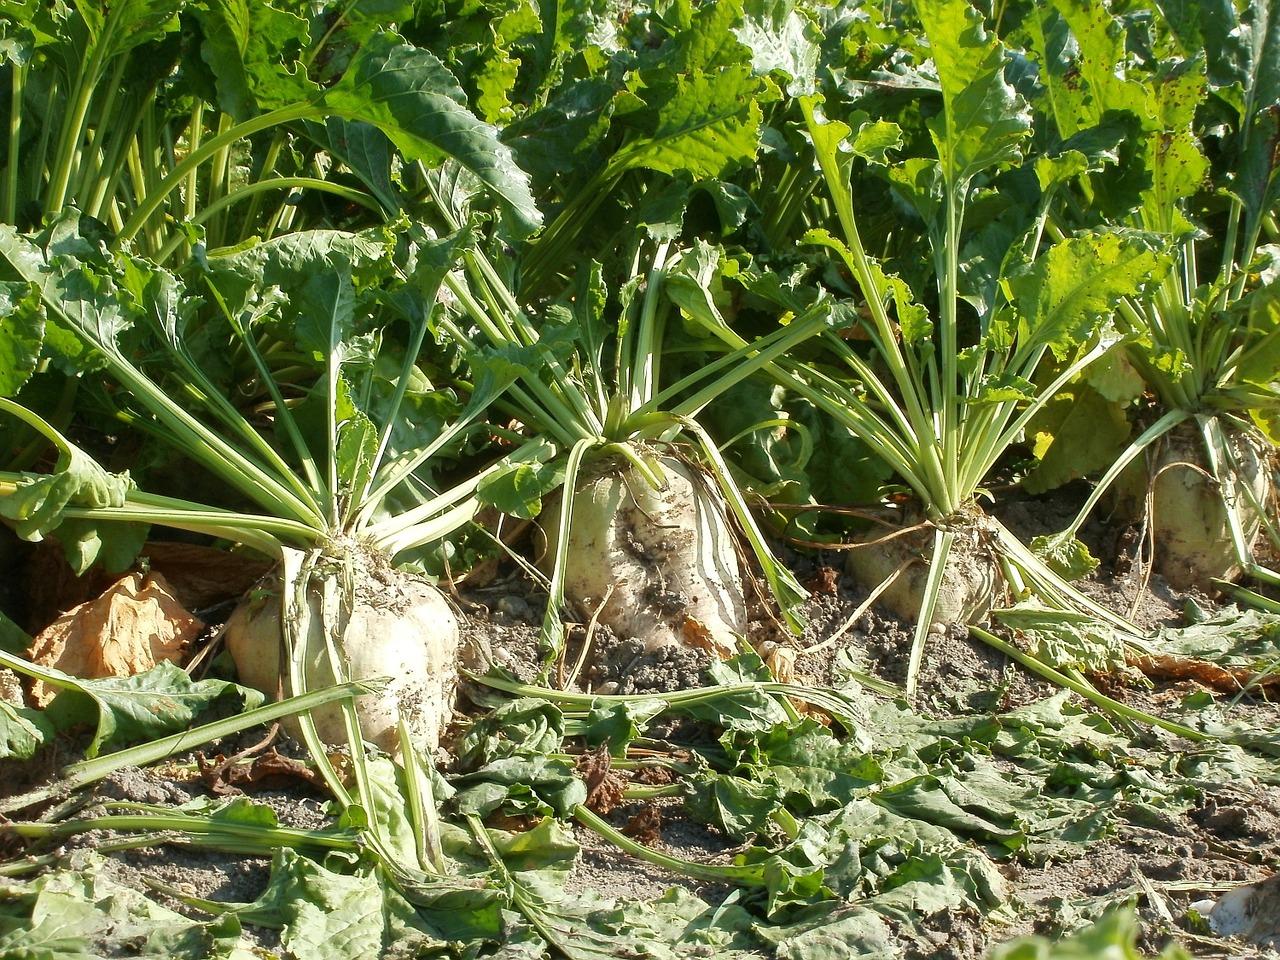 Група компаній «Ріттер Біо Агро» відмовилась від вирощування цукрових буряків